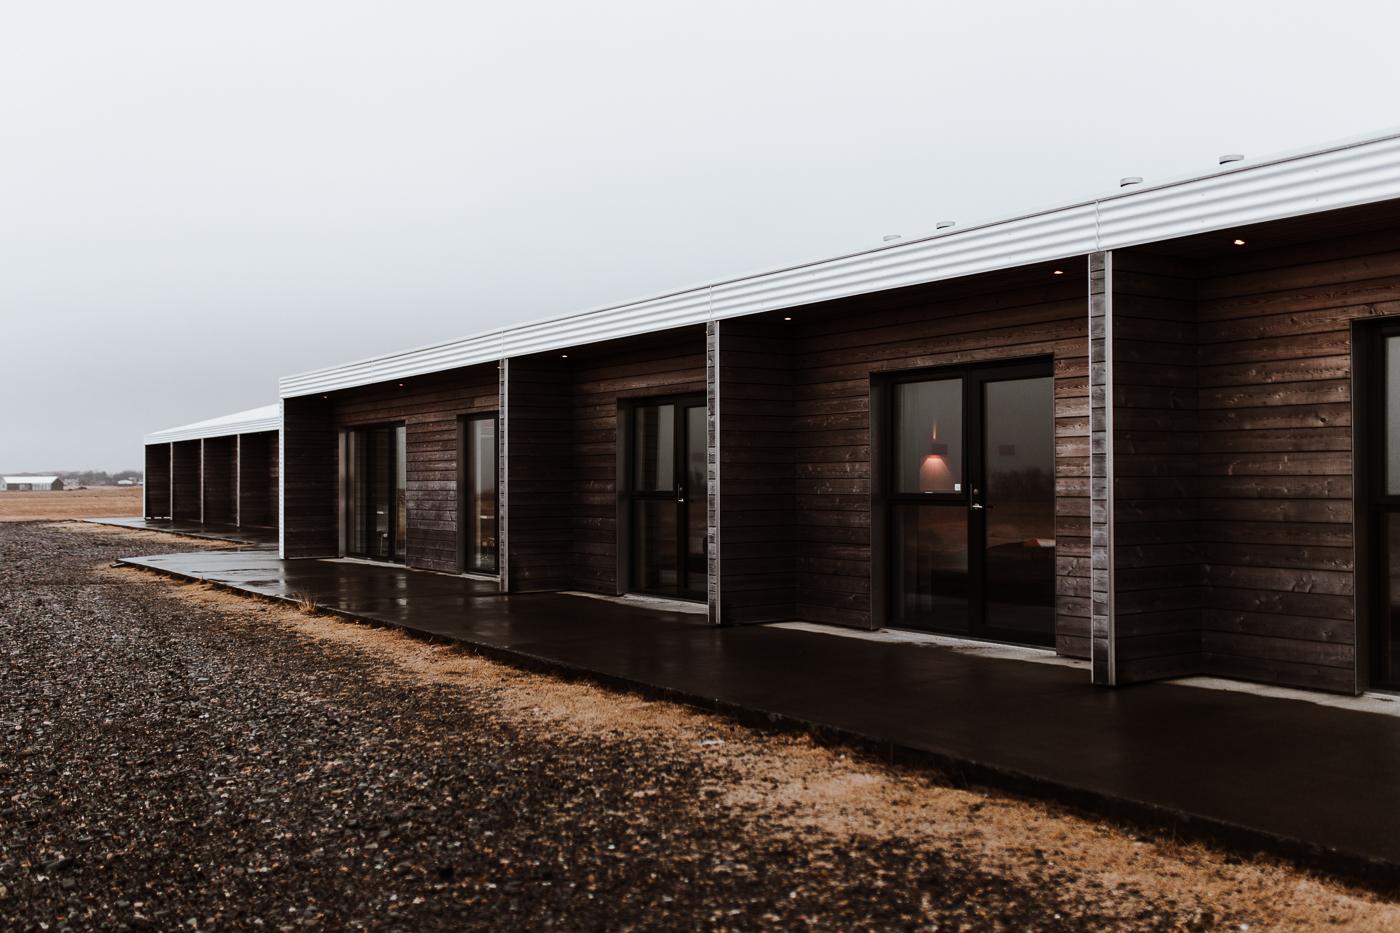 Seljavellir Guesthouse, Höfn - £103.41 per night